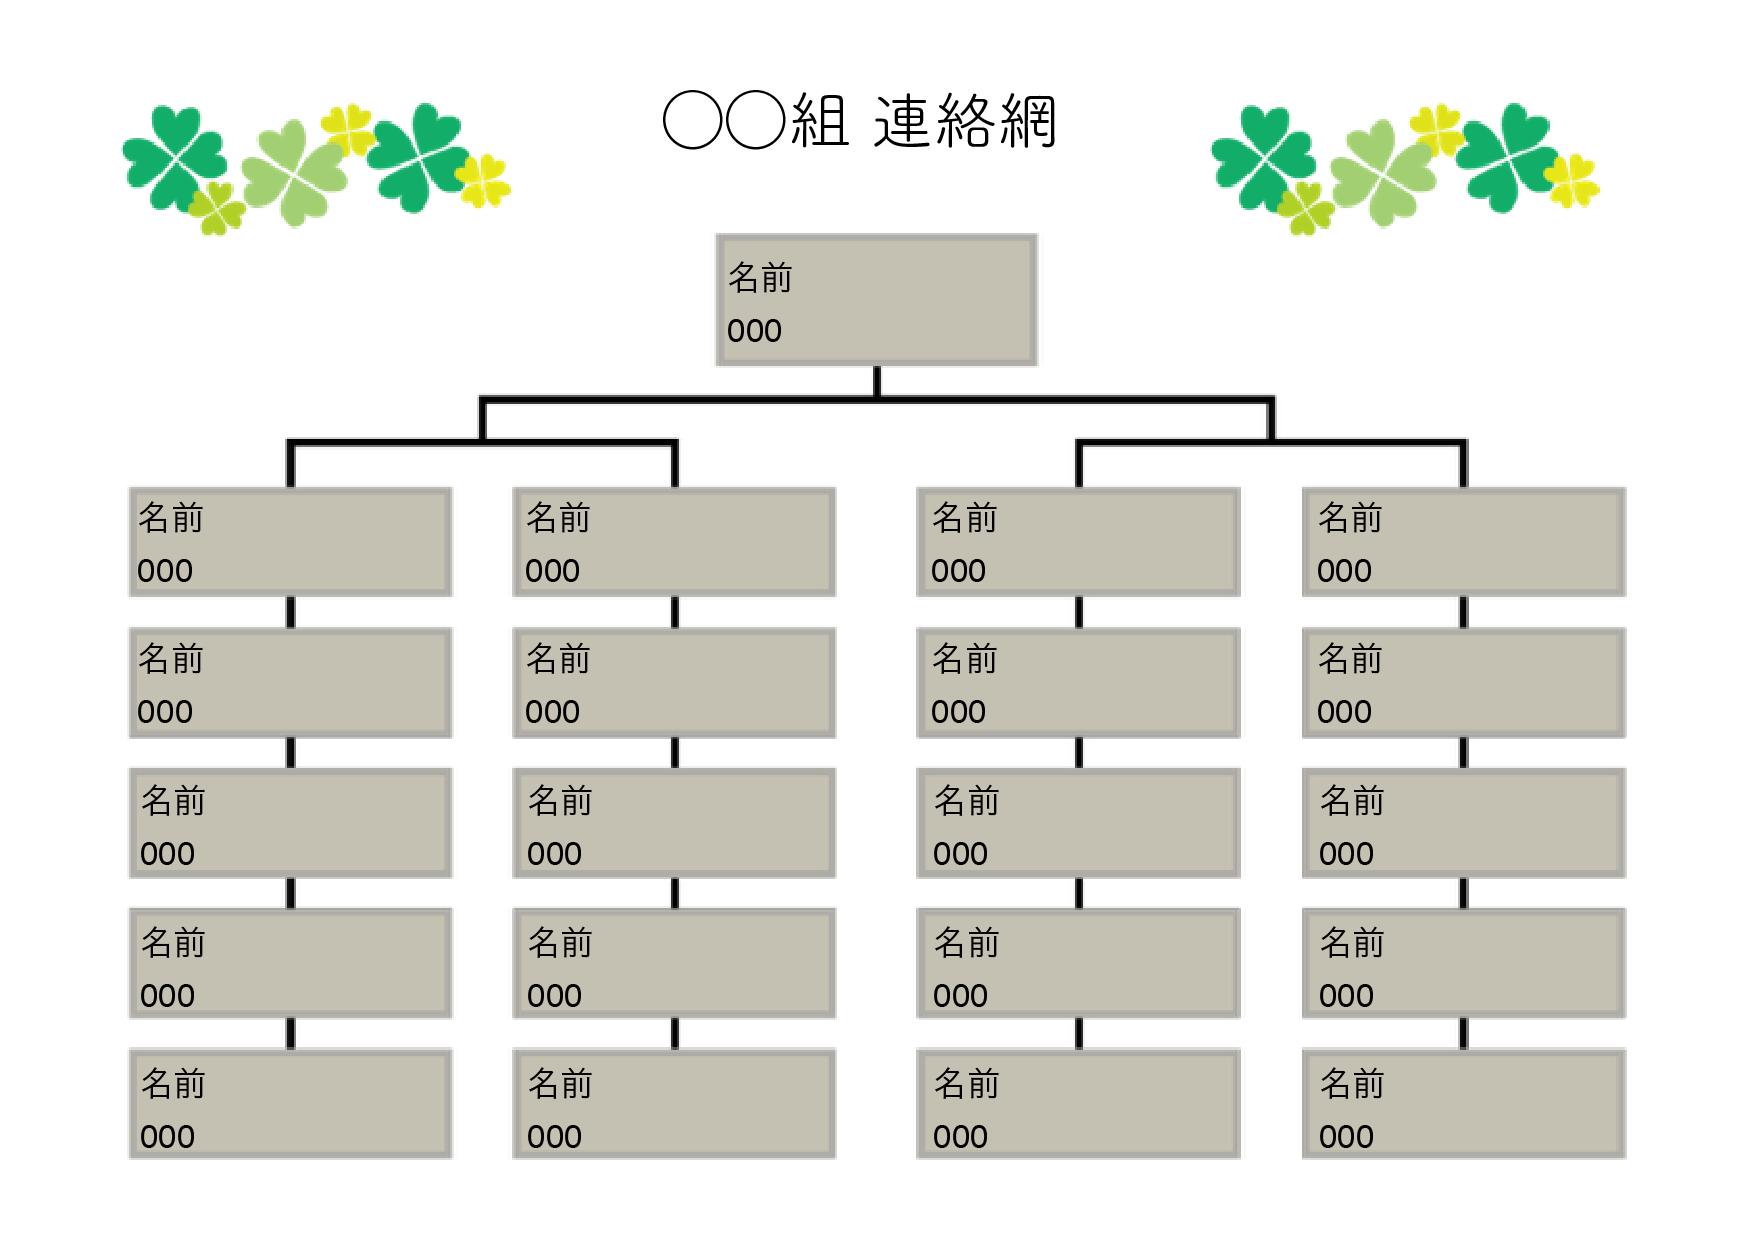 保育園・幼稚園用の連絡網 テンプレート 20人分+1人(大元)グレー(ワード・ページズ)